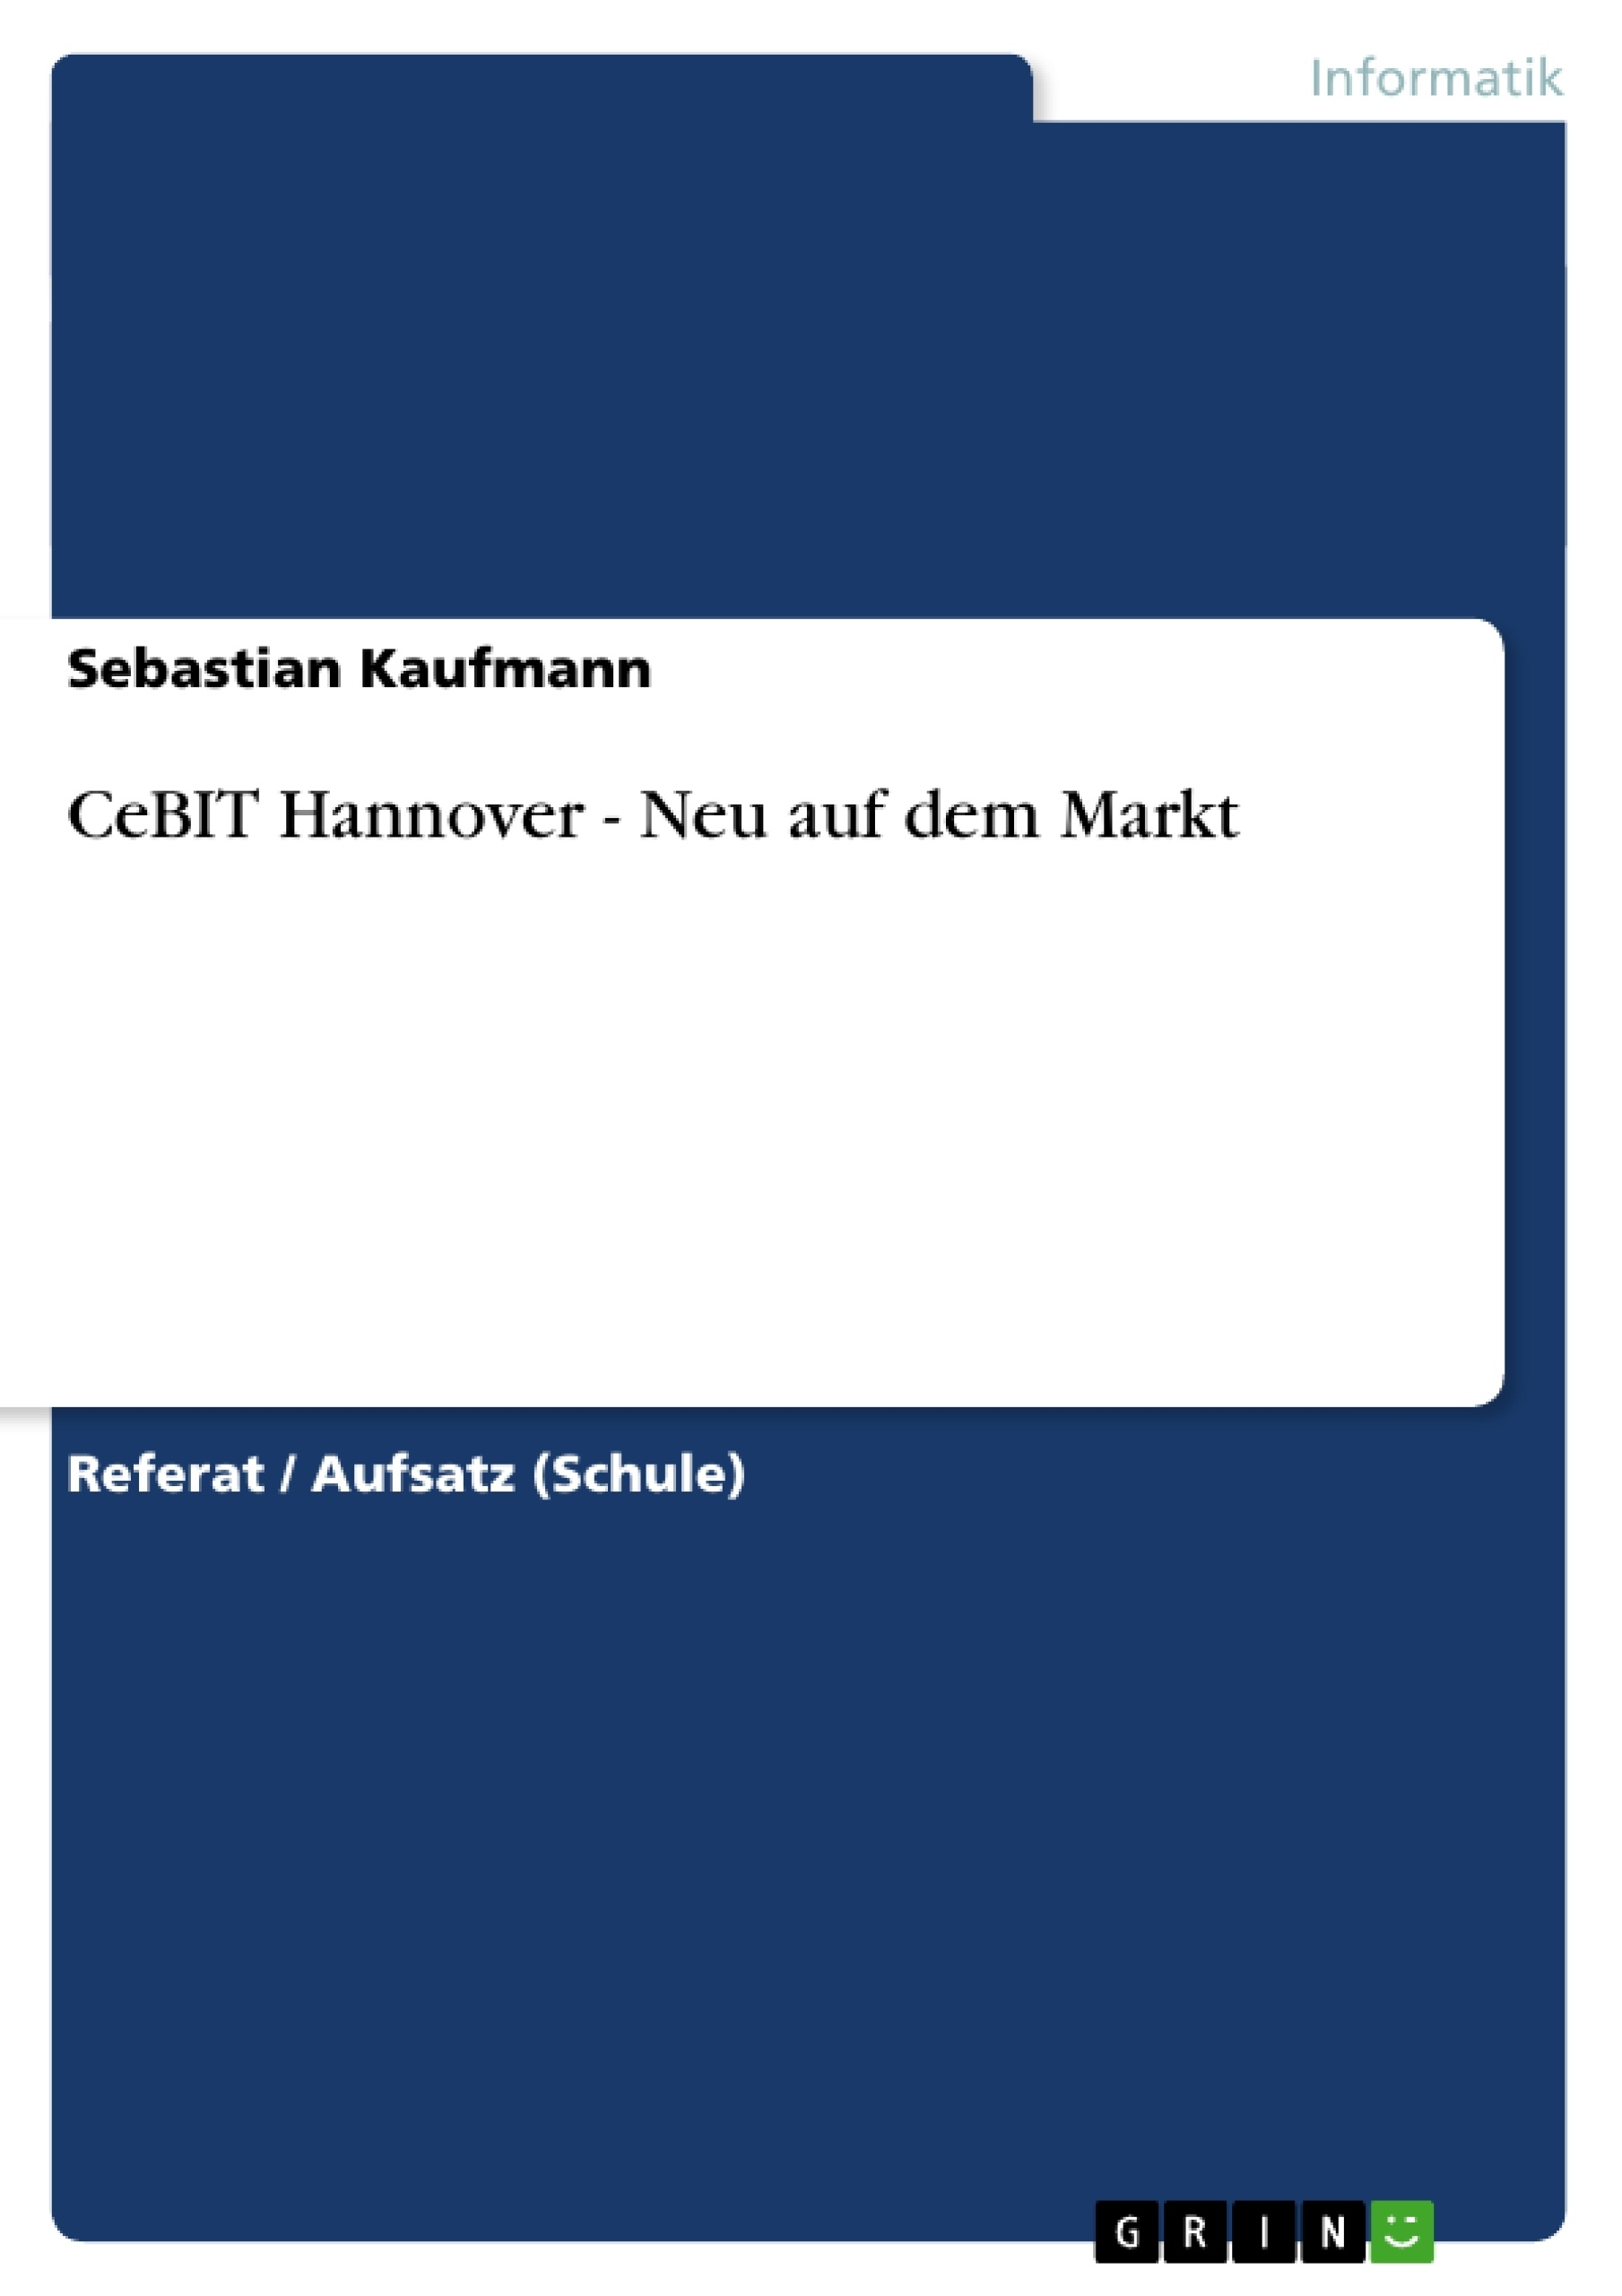 Titel: CeBIT Hannover - Neu auf dem Markt